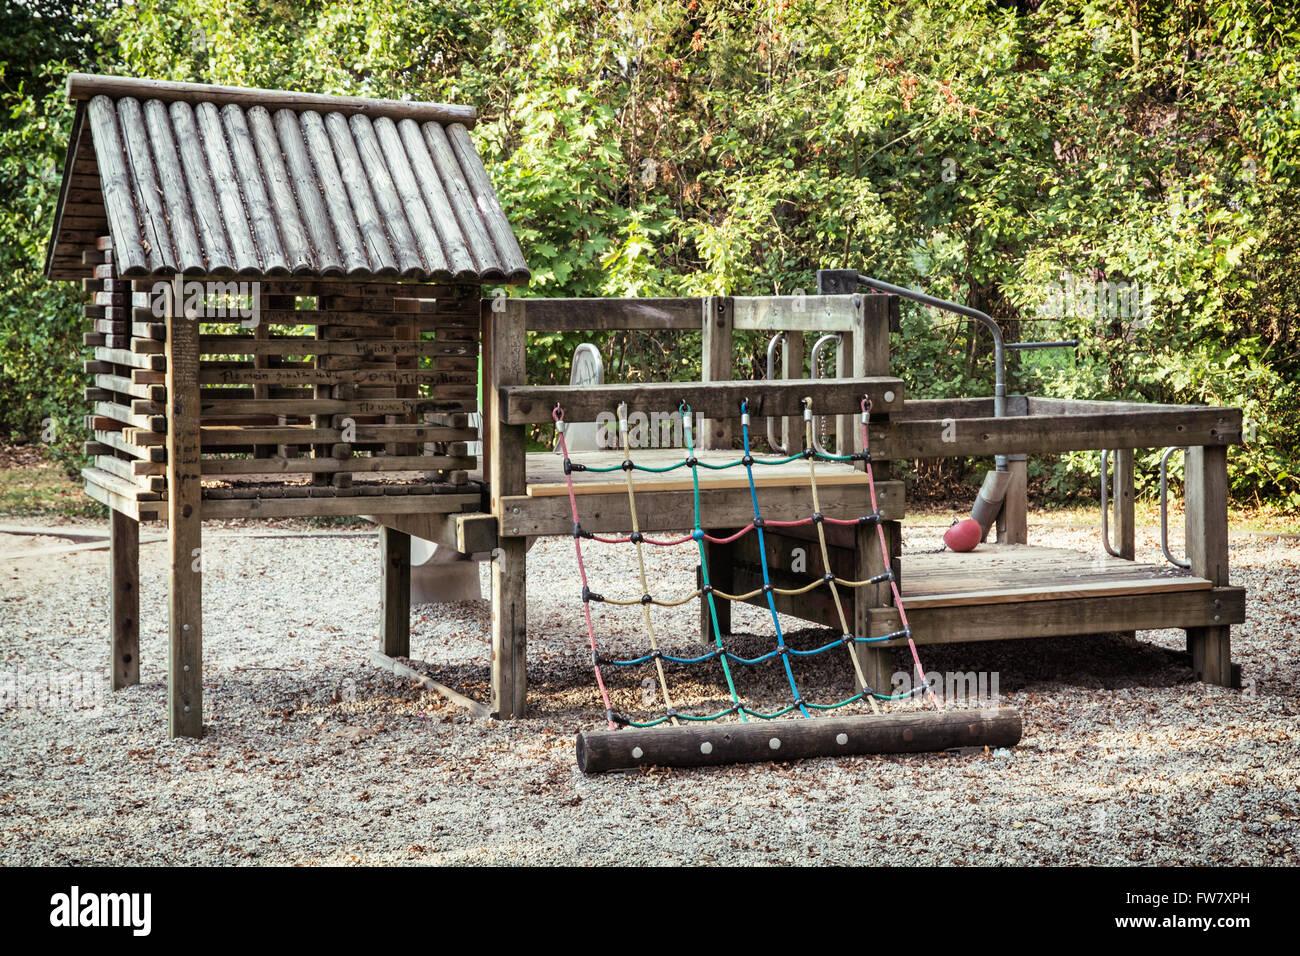 Klettergerüste Kinder : Klettergerüst aus holz kinder im stadtpark stockfoto bild